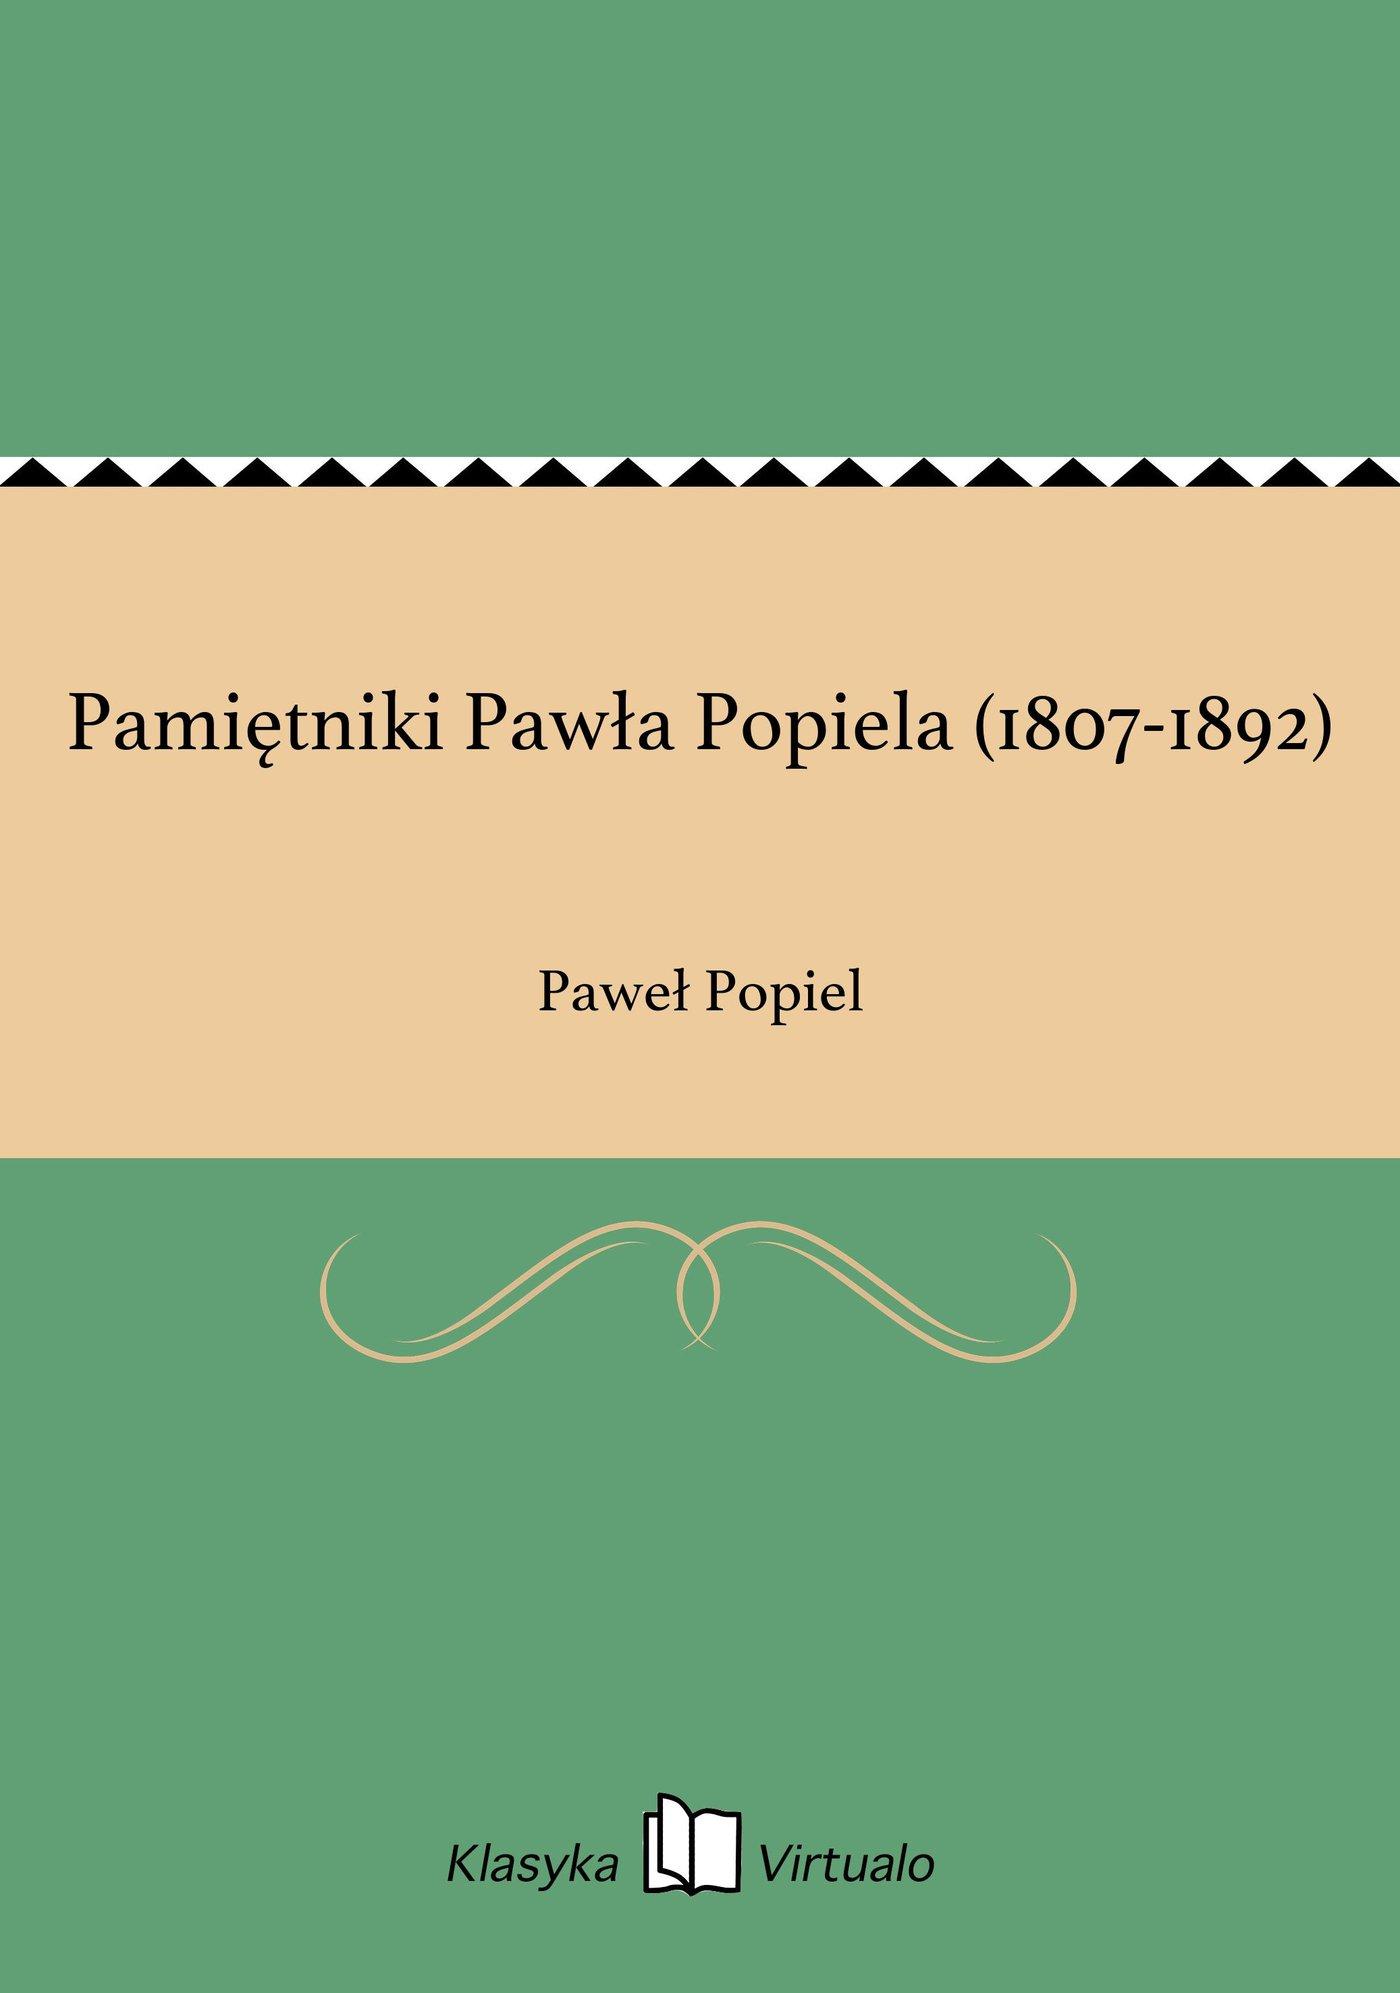 Pamiętniki Pawła Popiela (1807-1892) - Ebook (Książka EPUB) do pobrania w formacie EPUB